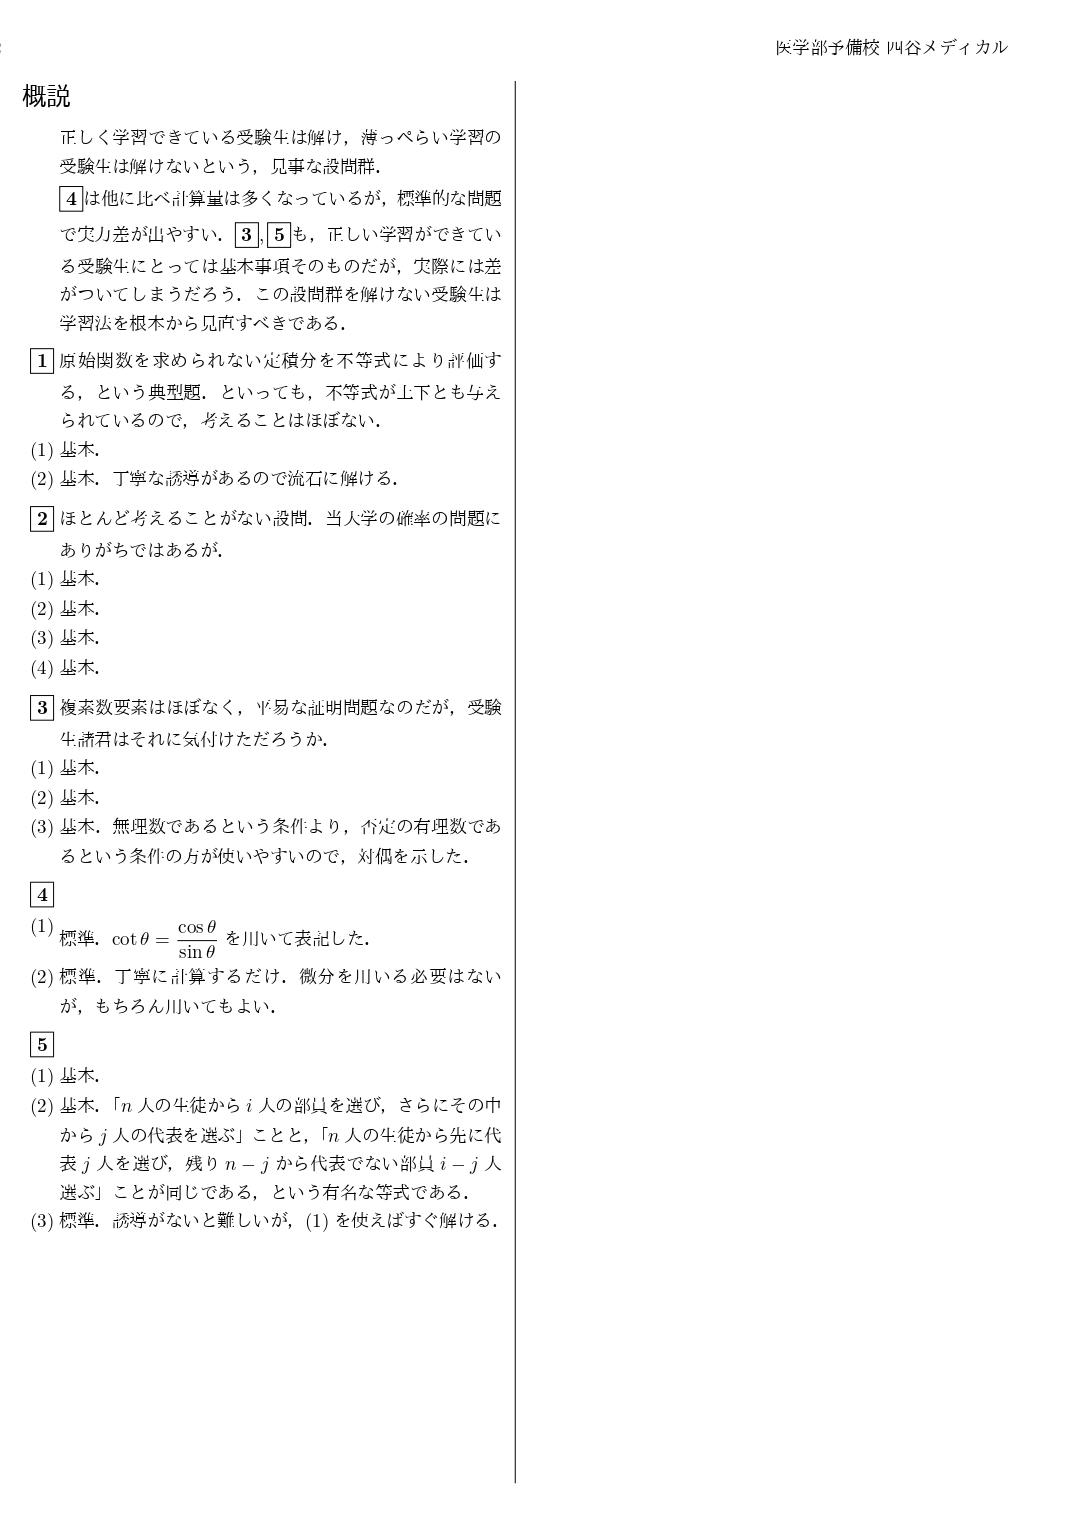 2021年2月11日 大阪医科薬科大学 解答速報